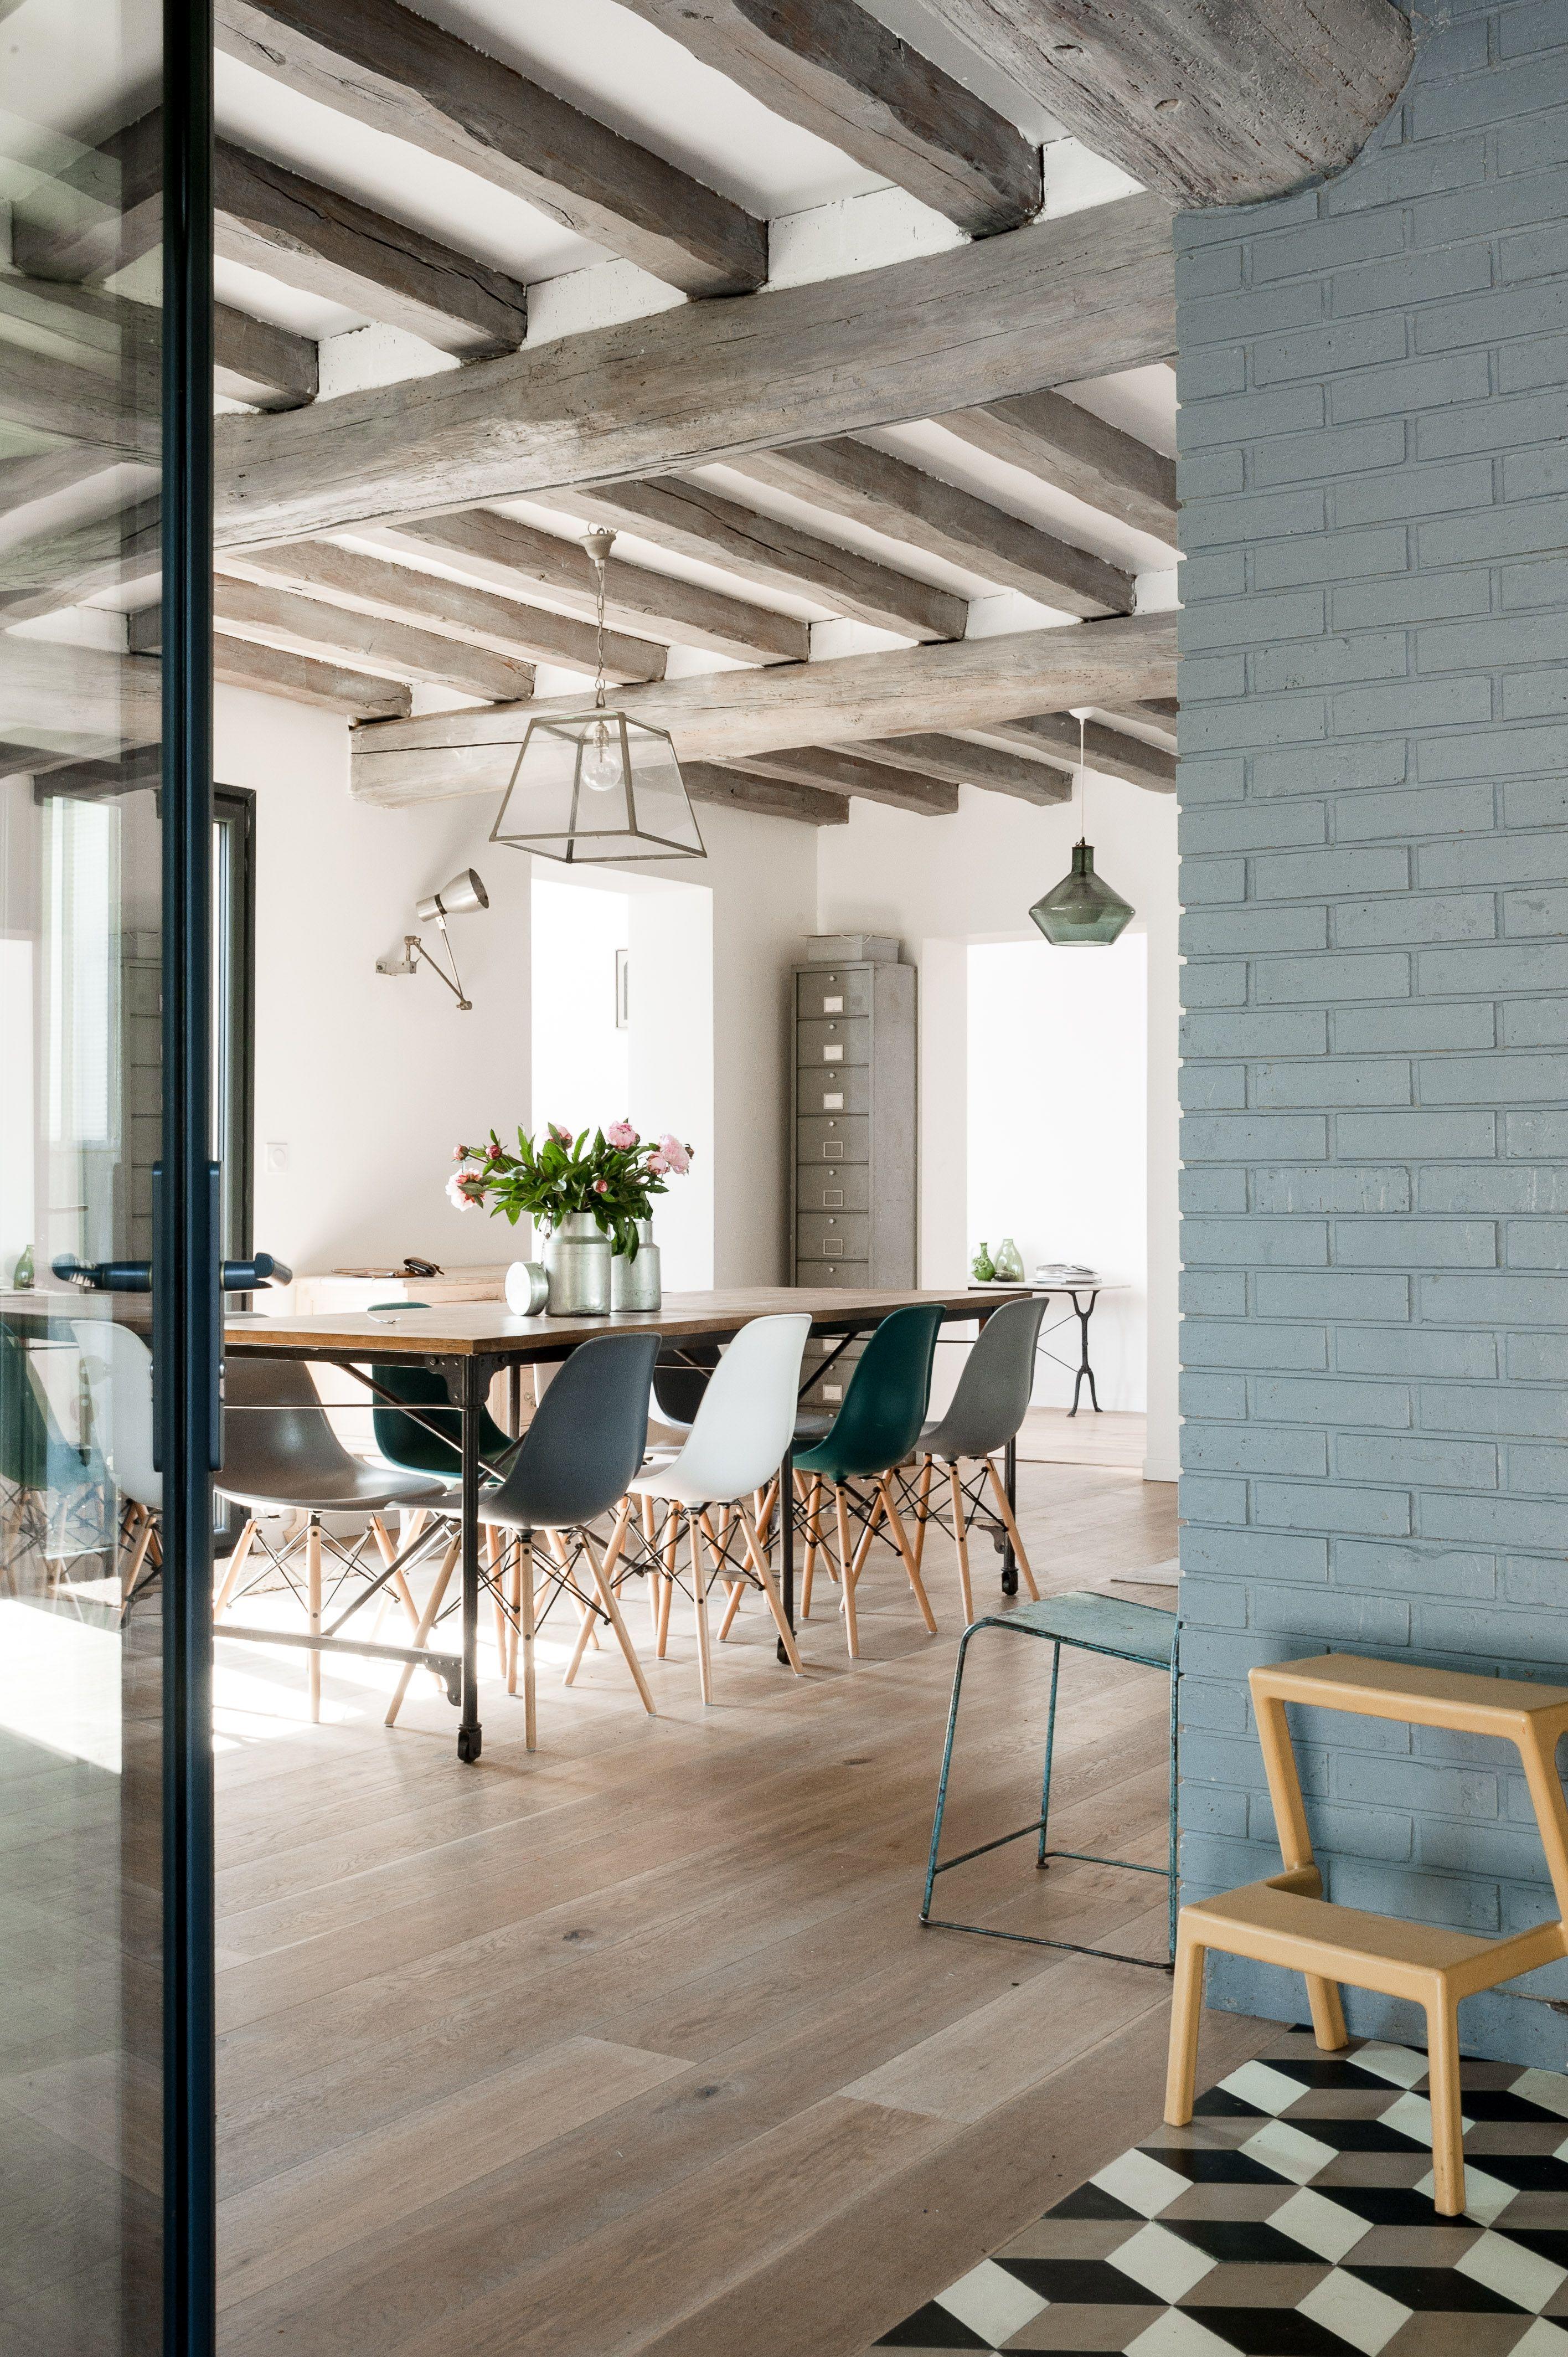 Rencontre Un Archi. Réhabilitation D'une Maison